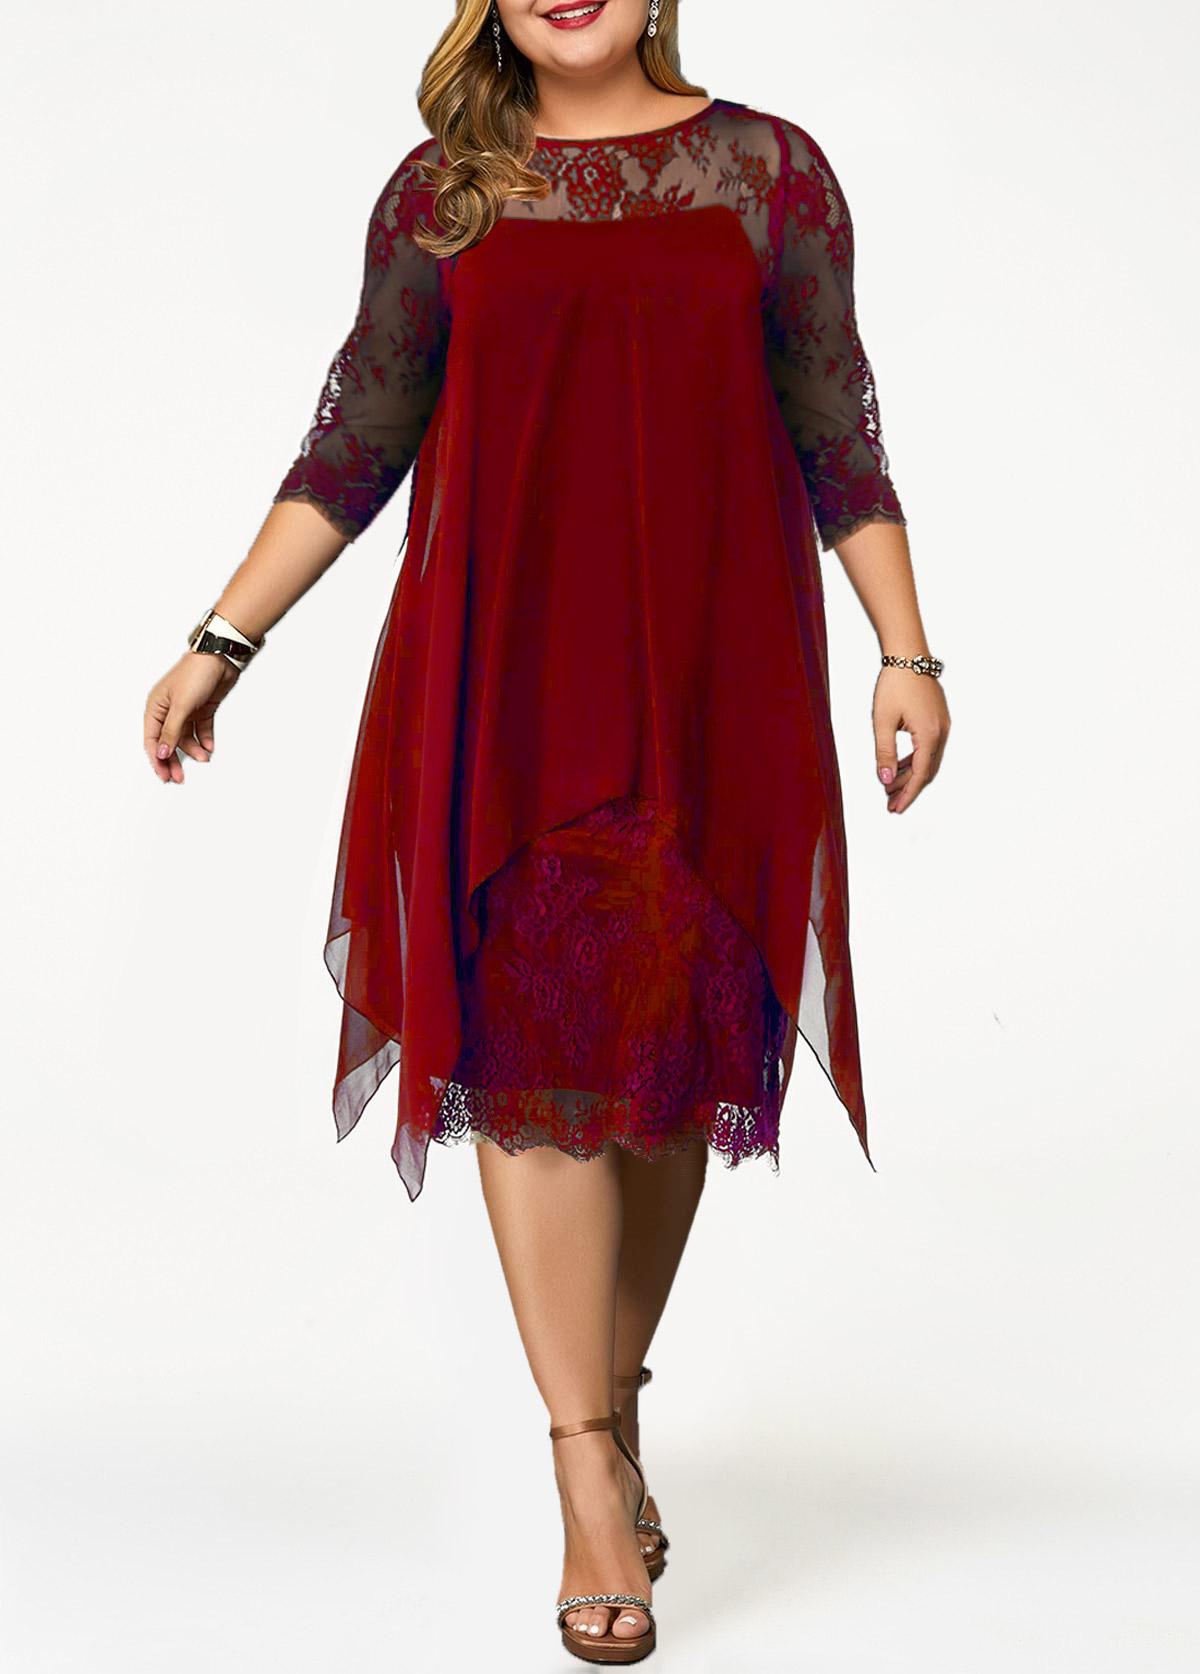 Lace Panel Chiffon Overlay Plus Size Dress